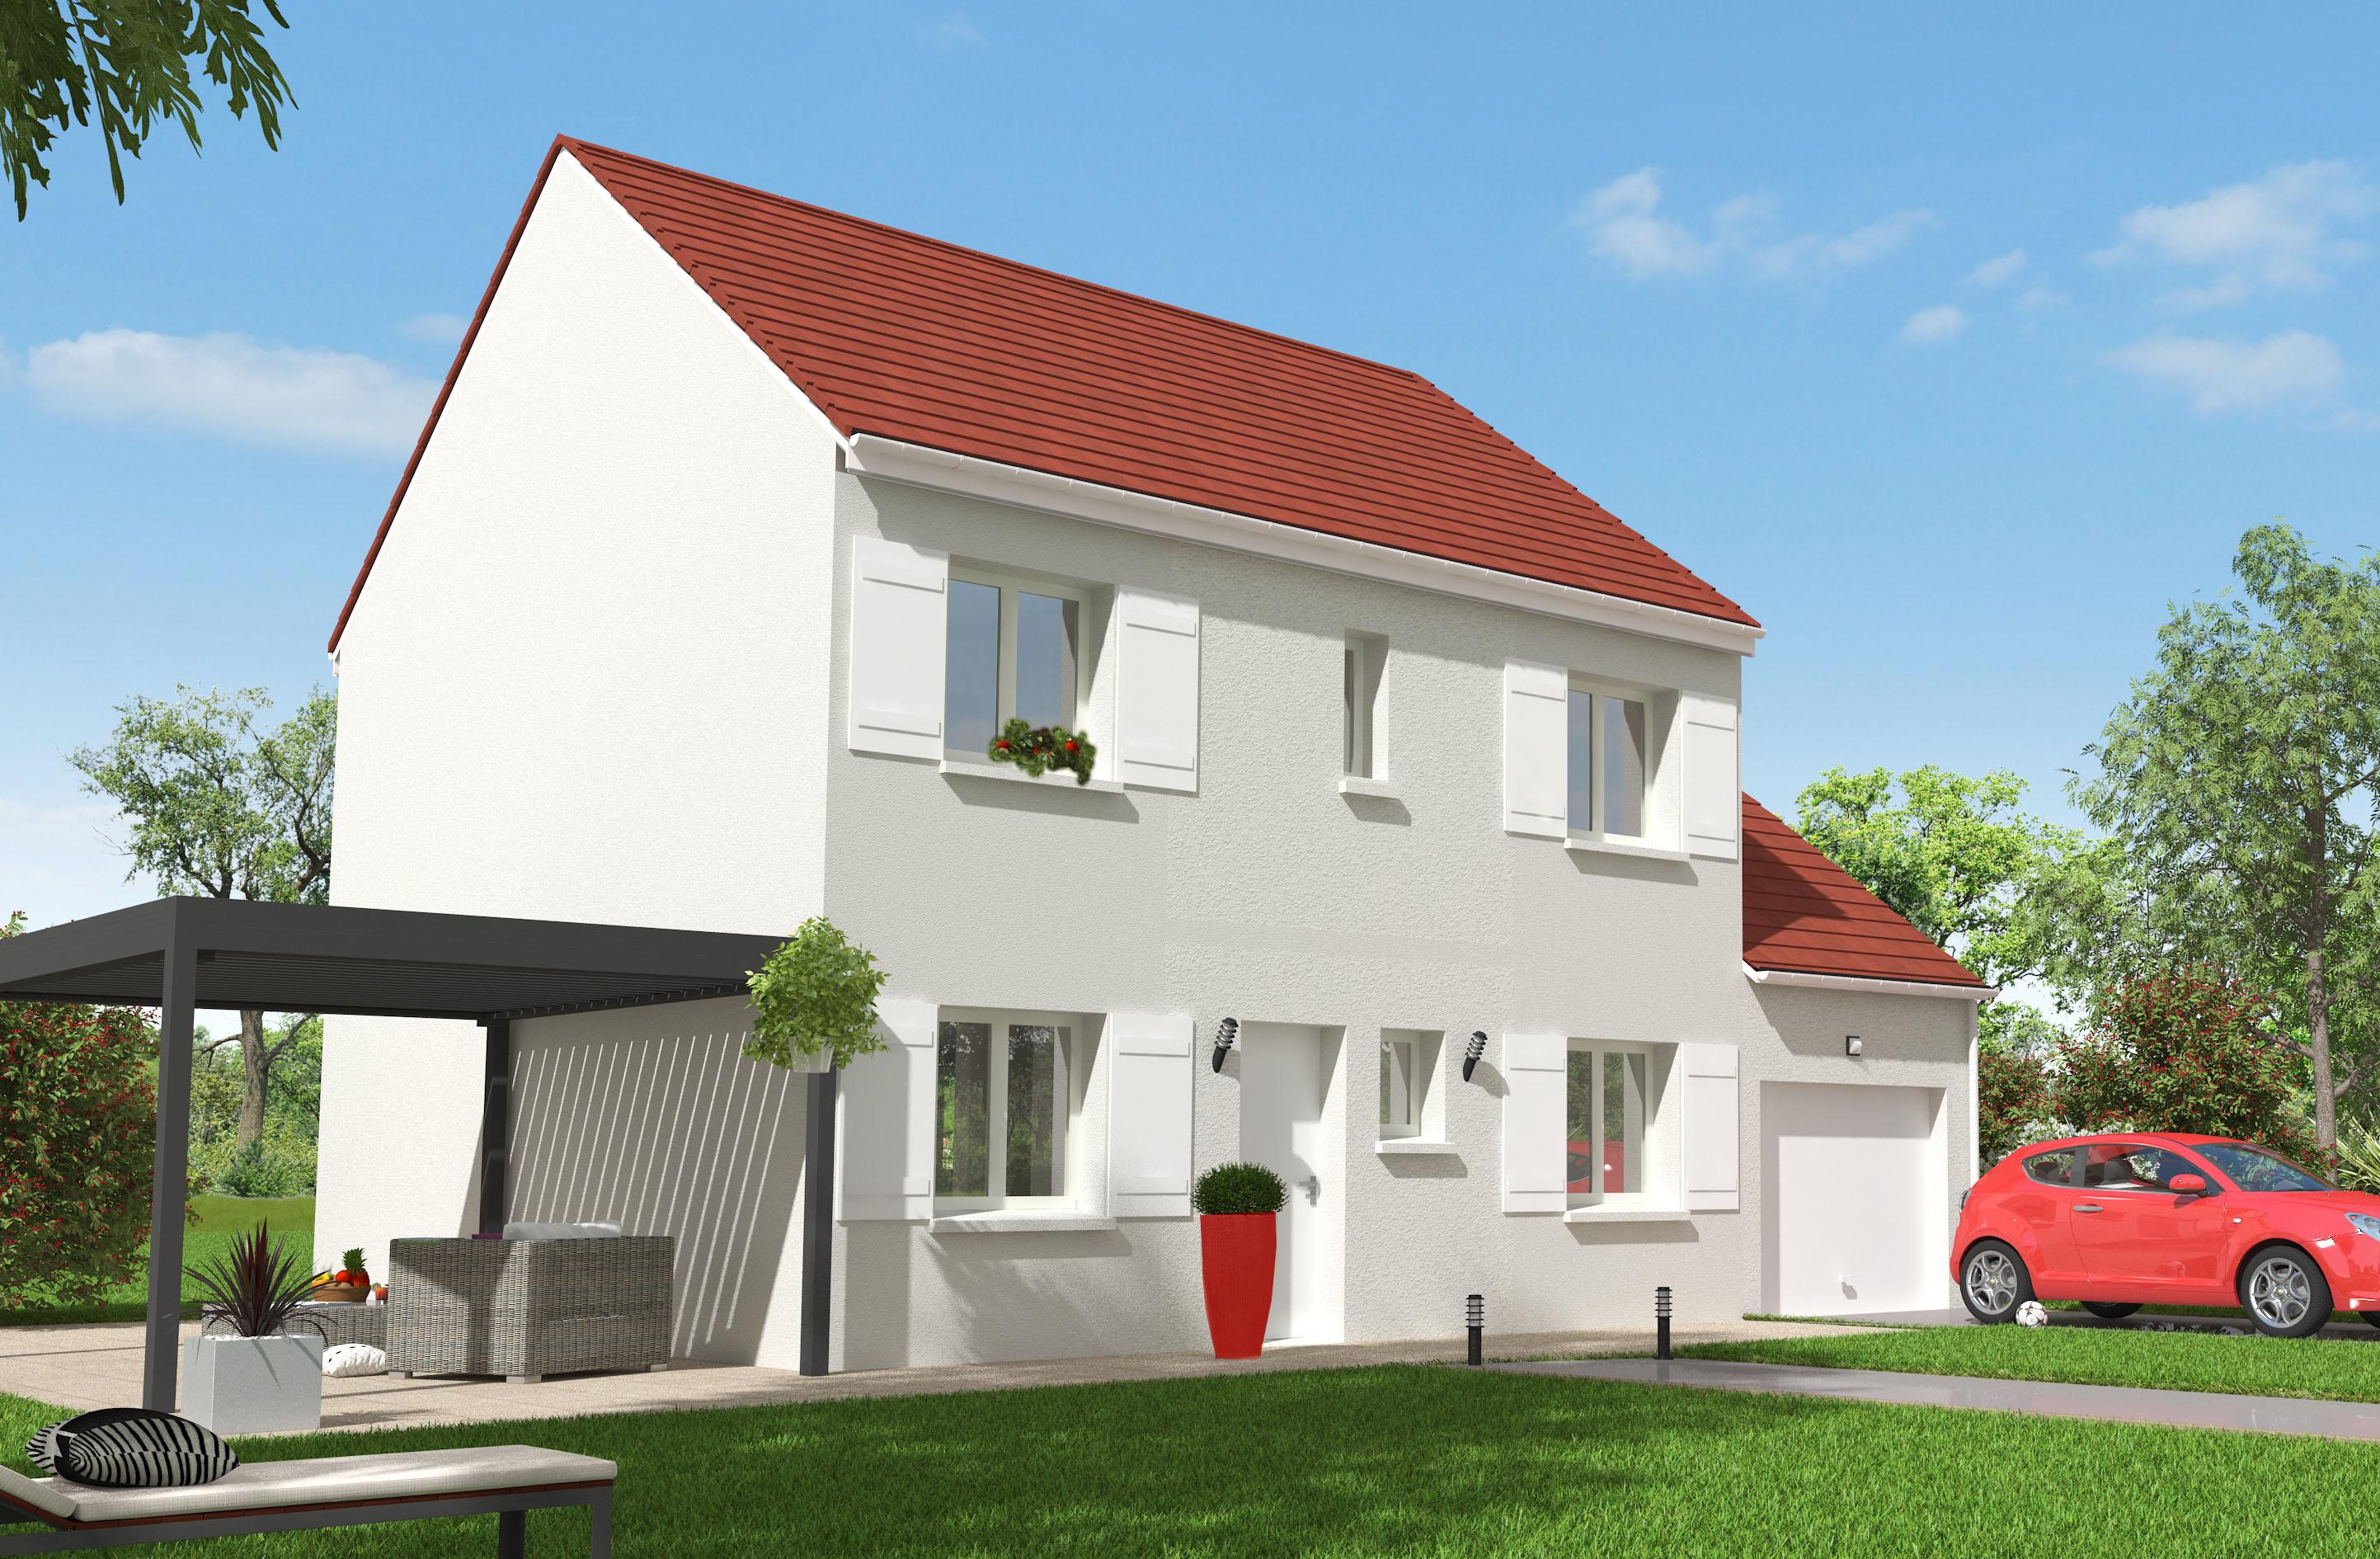 Maisons + Terrains du constructeur MAISON 7 SENS • 105 m² • MONTLHERY